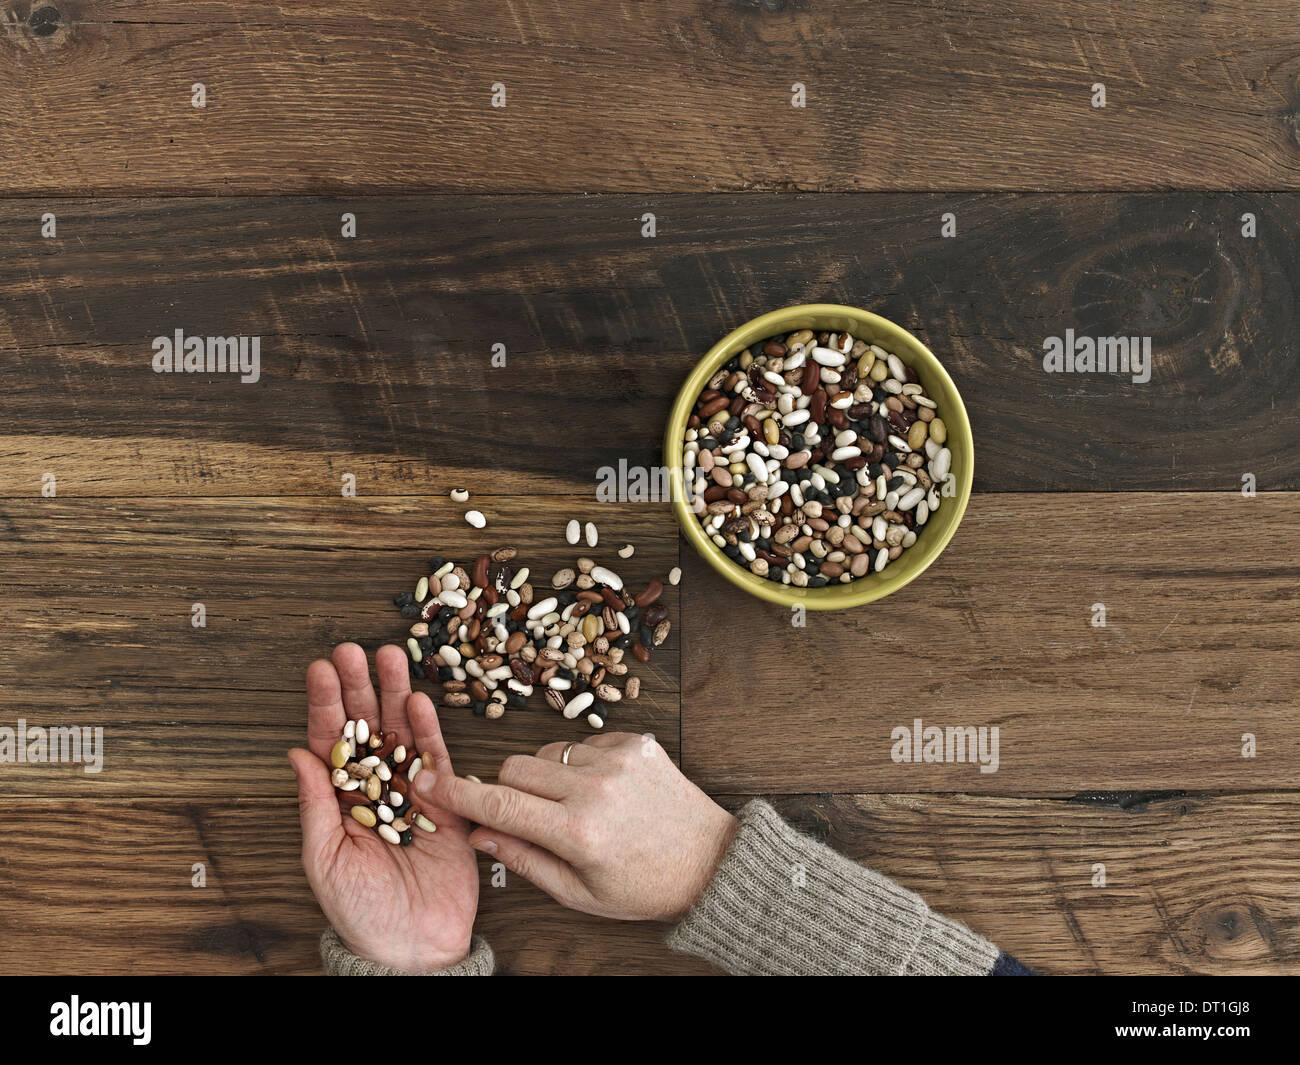 Una persona ordenar diferentes tipos de frijoles y legumbres en sus manos sobre una mesa de madera arriba Imagen De Stock